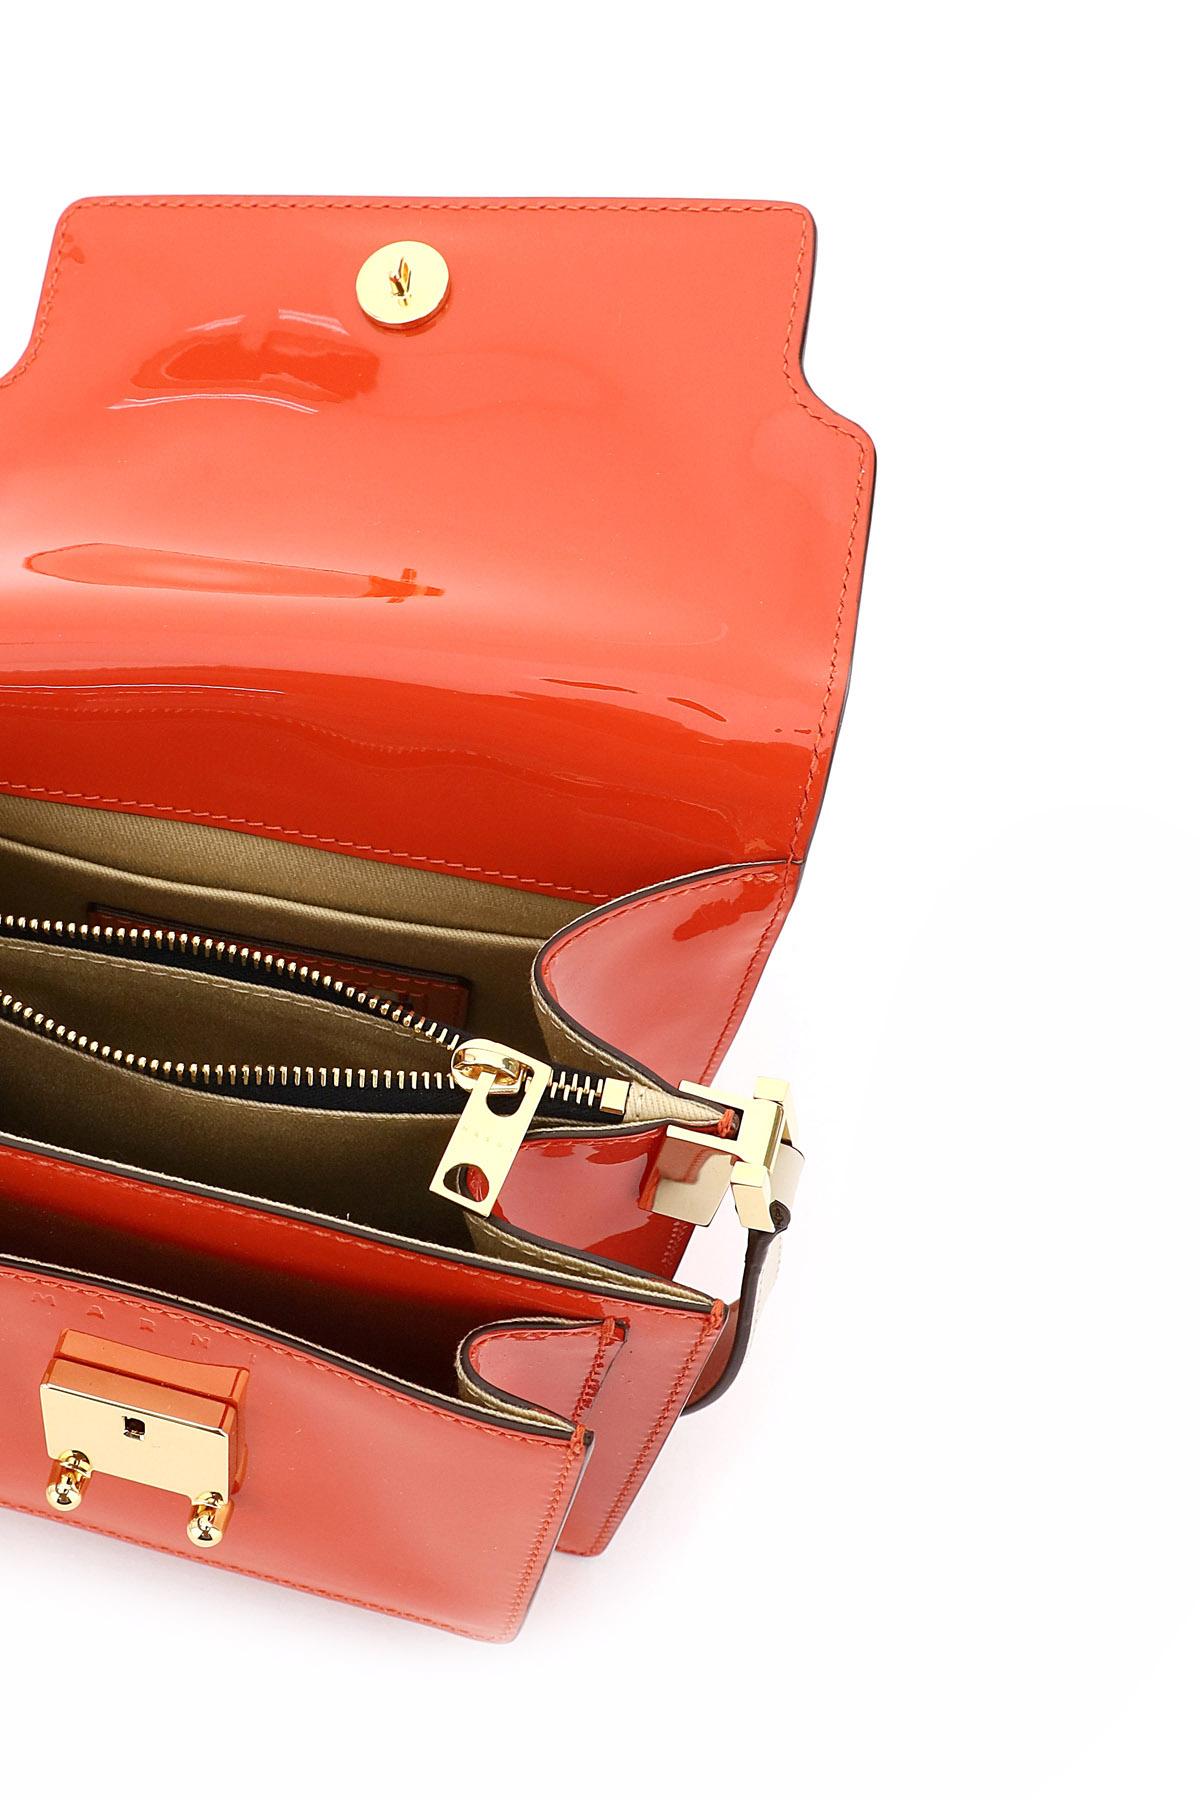 Marni borsa a tracolla new trunk mini